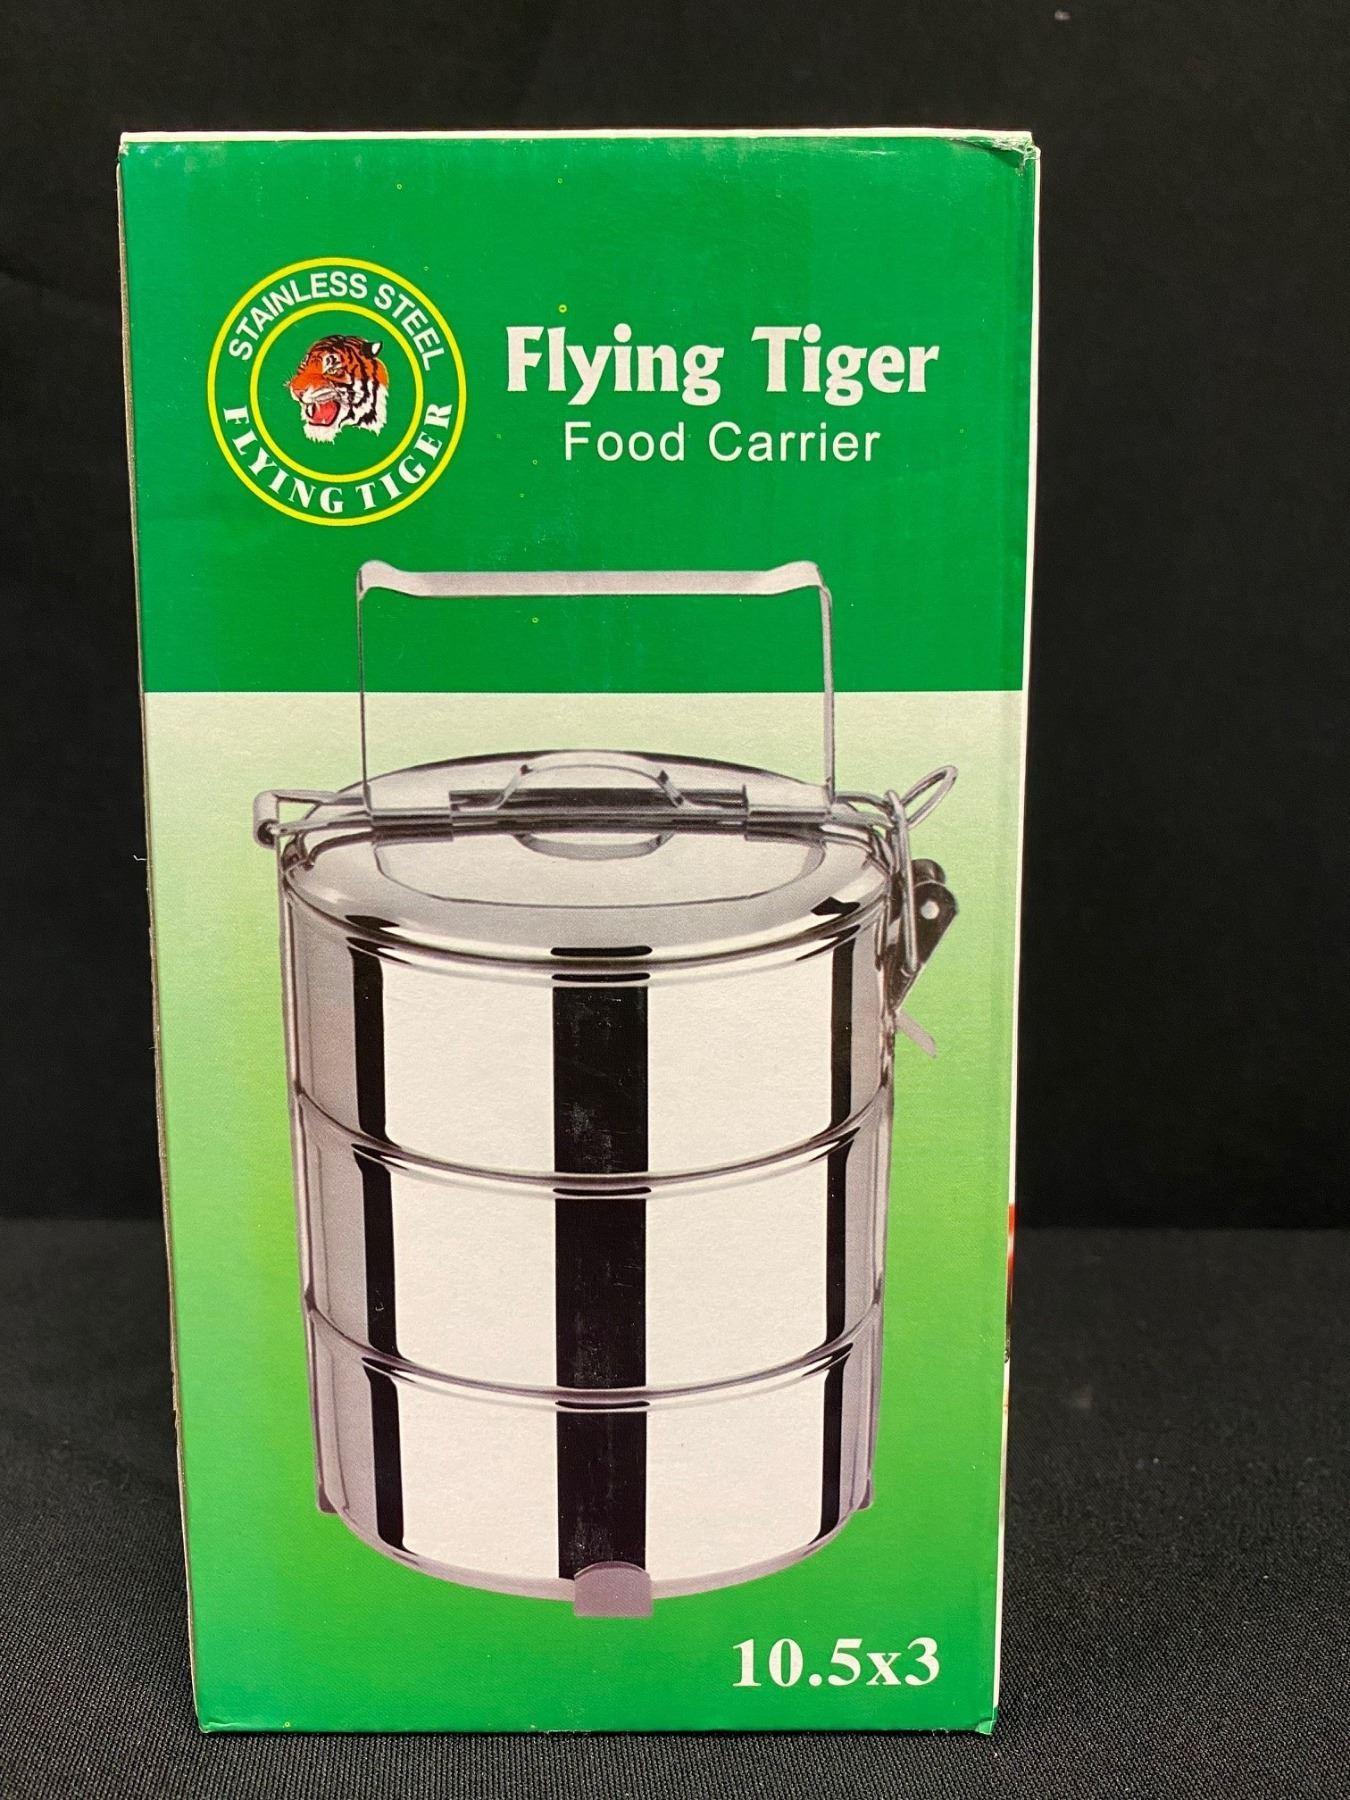 Flying Tiger Food Carrier